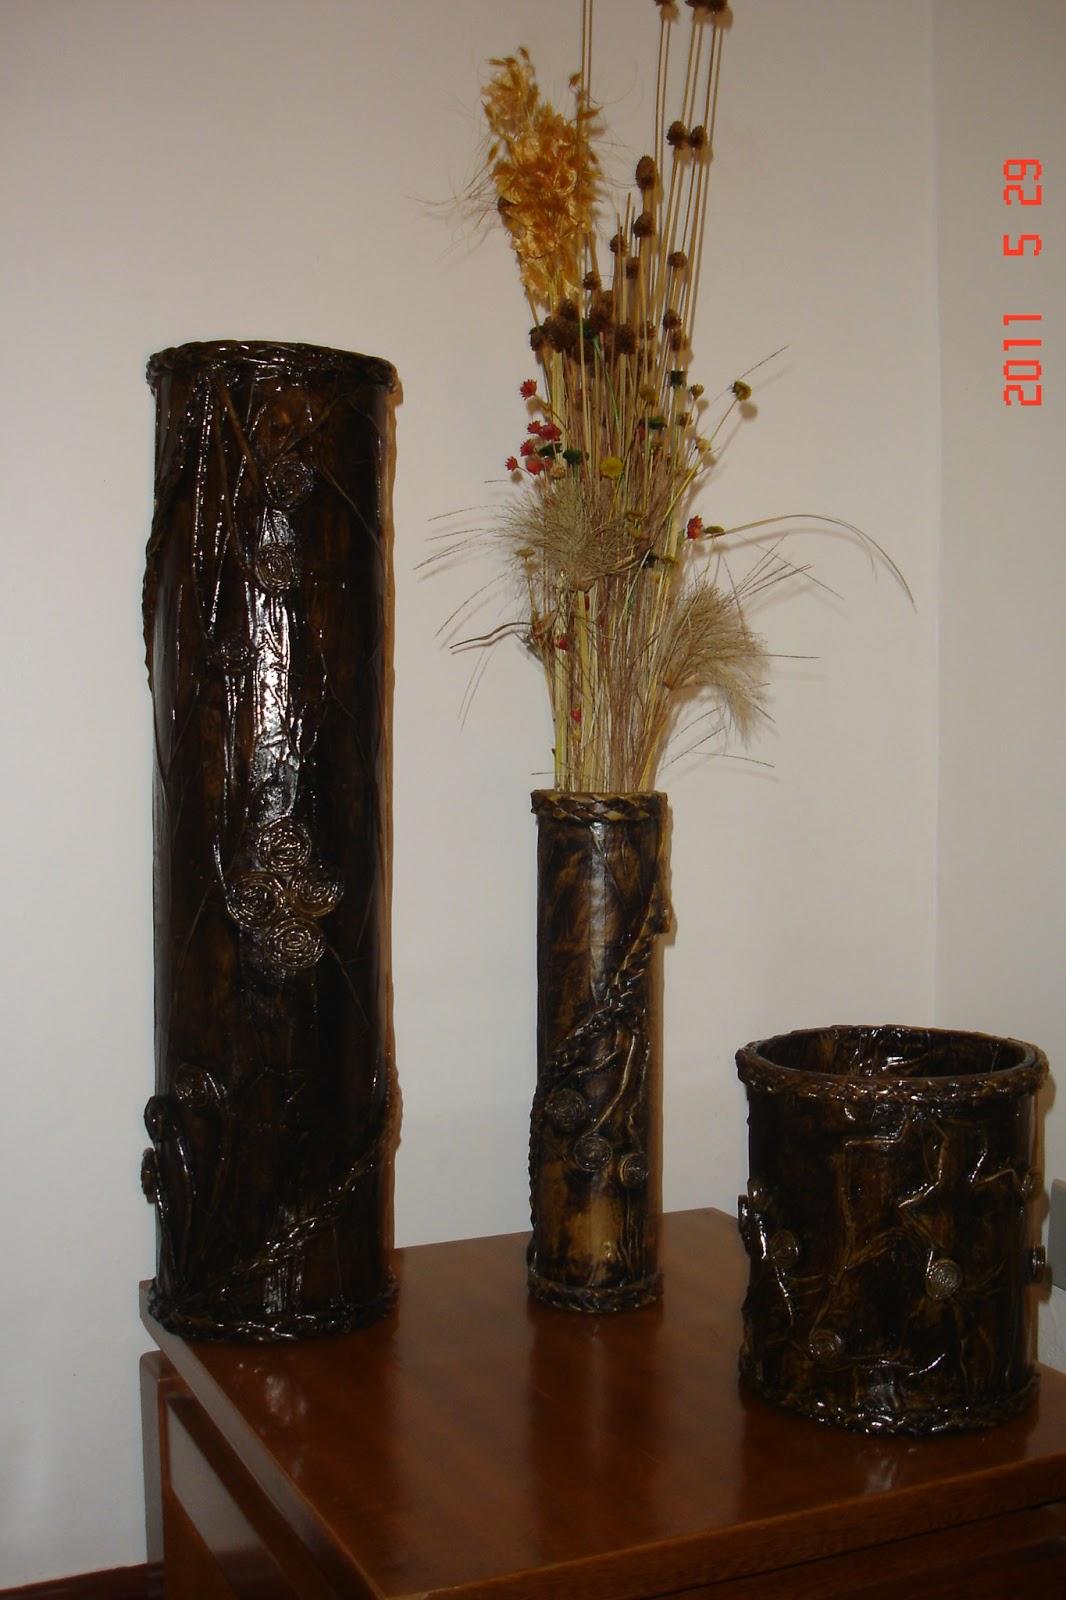 Armario Escobero Ikea ~ ReSignificArt Artesanato Reciclável Vasos (Vasos de Papel u00e3o e Jornal)